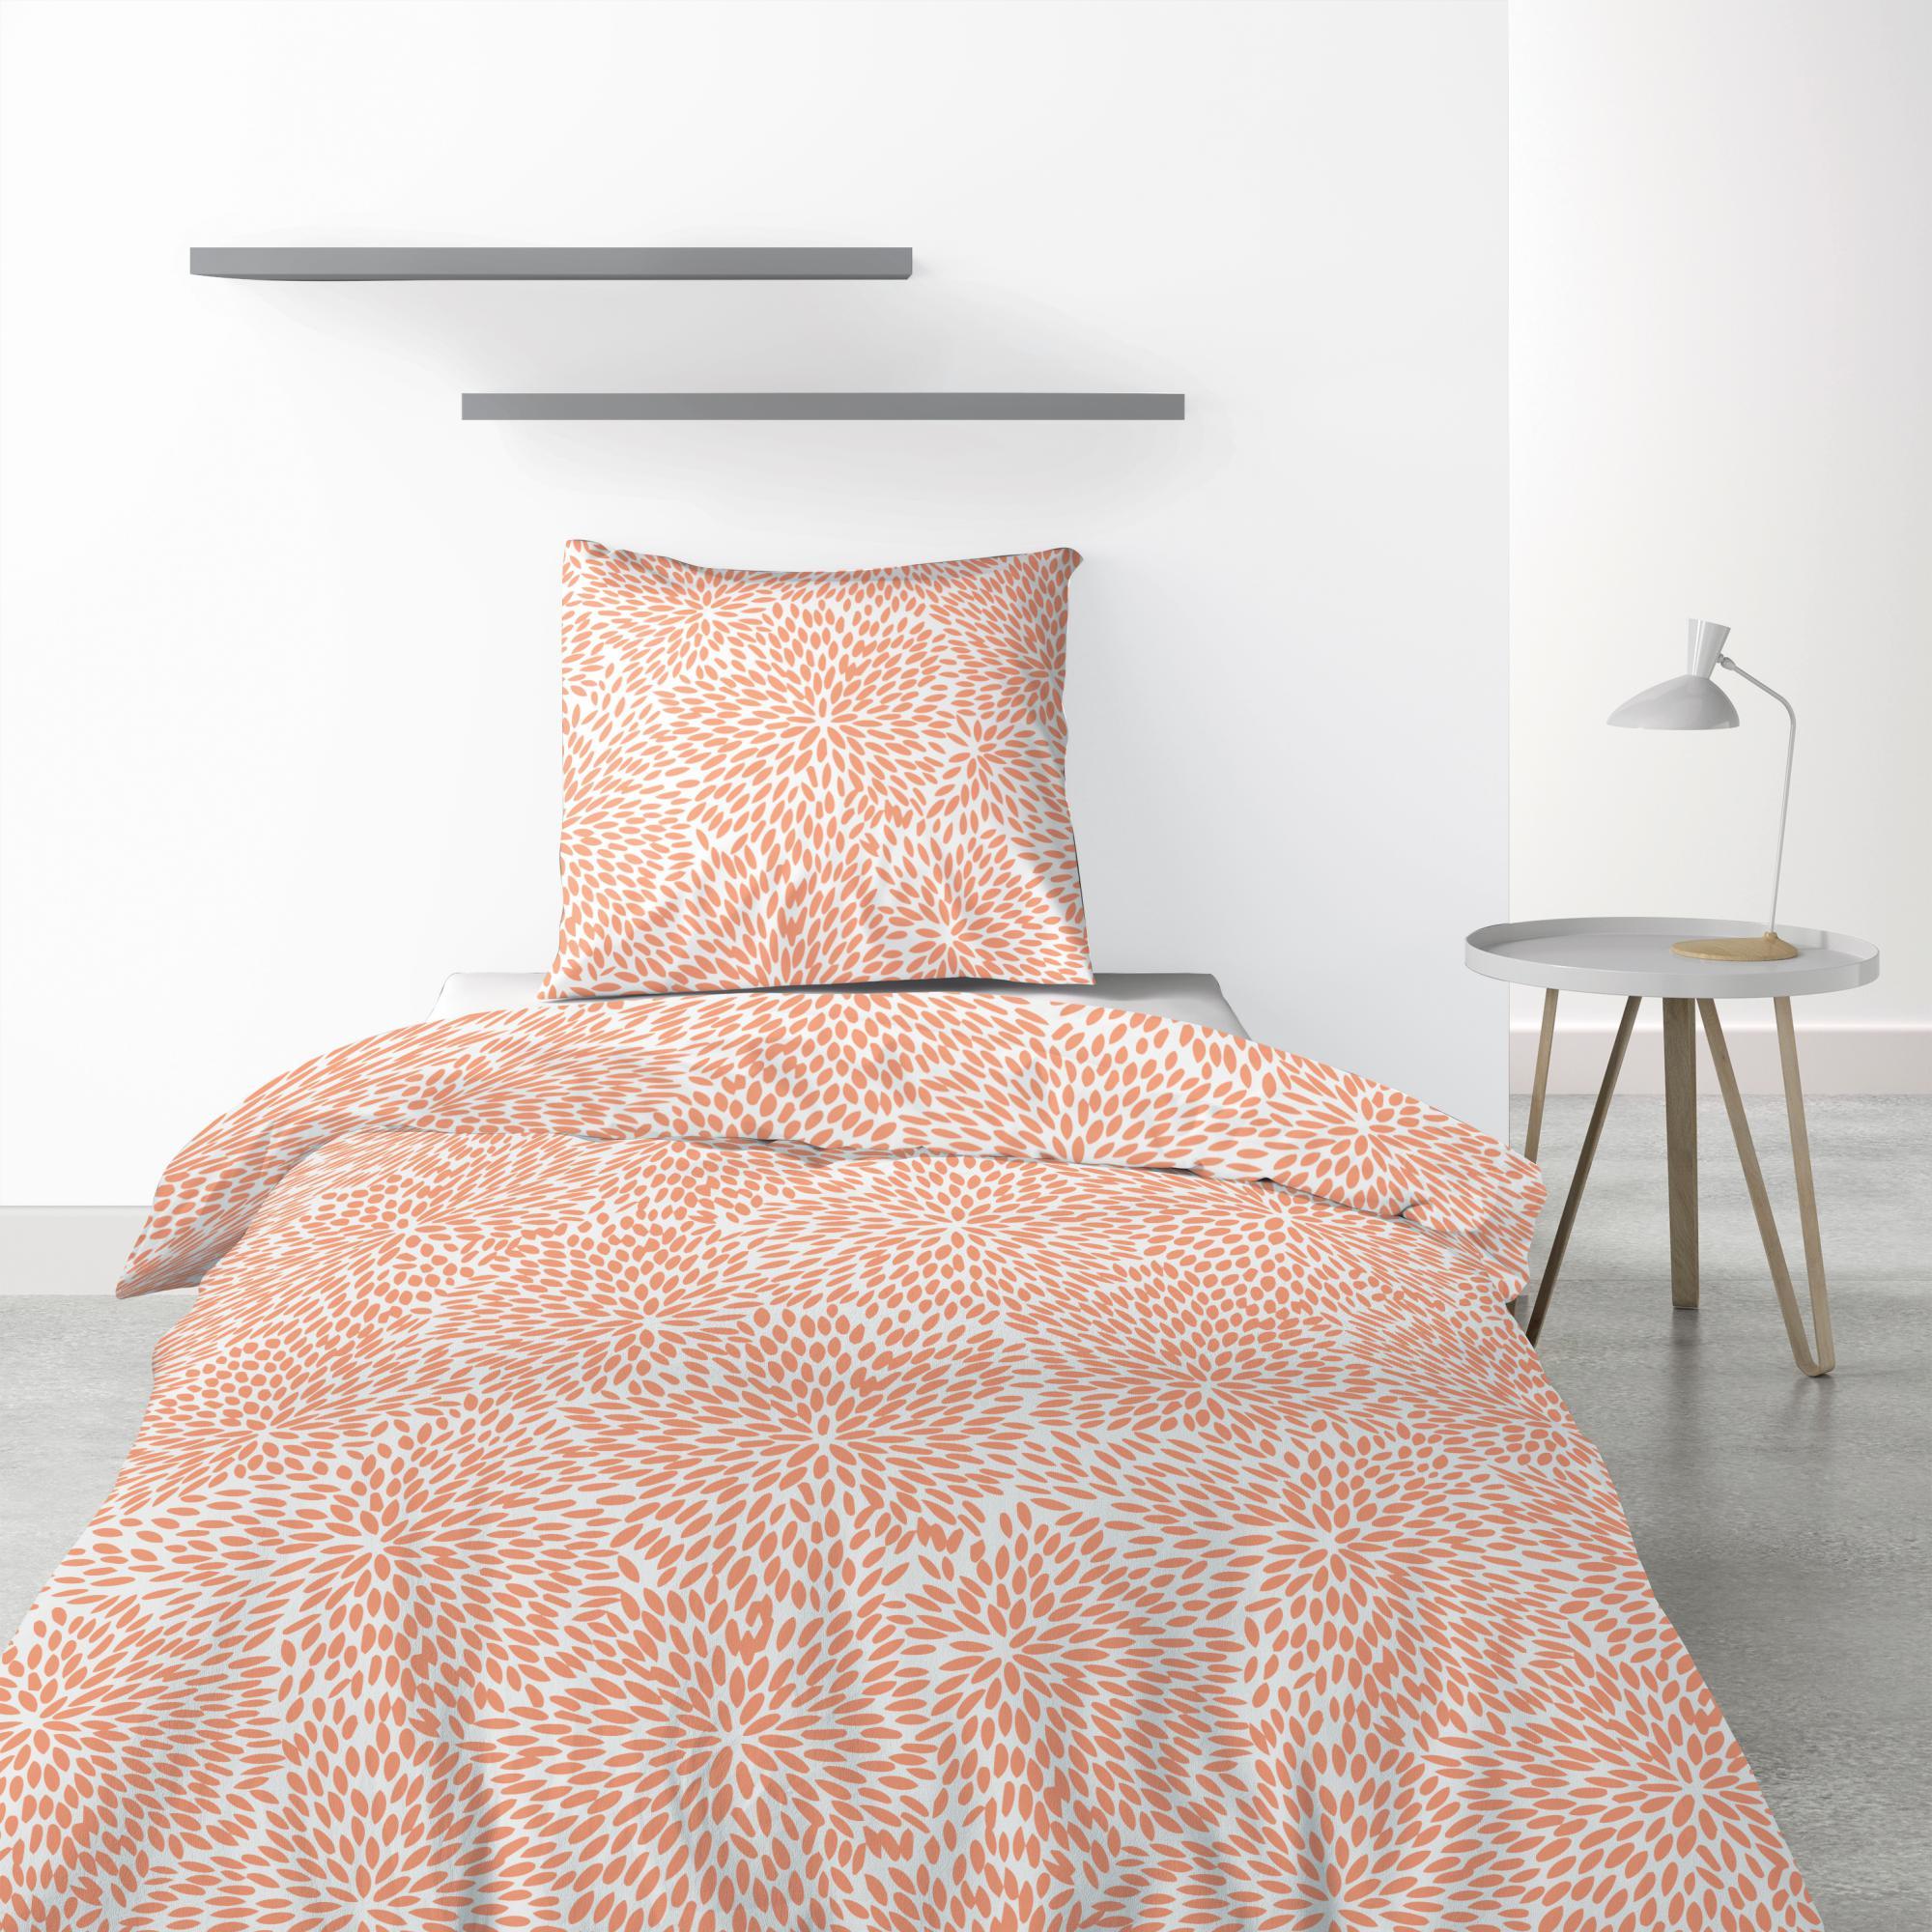 Parure de lit 1 personne Lantana avec housse de couette et taie d'oreiller Imprimé 140 x 200